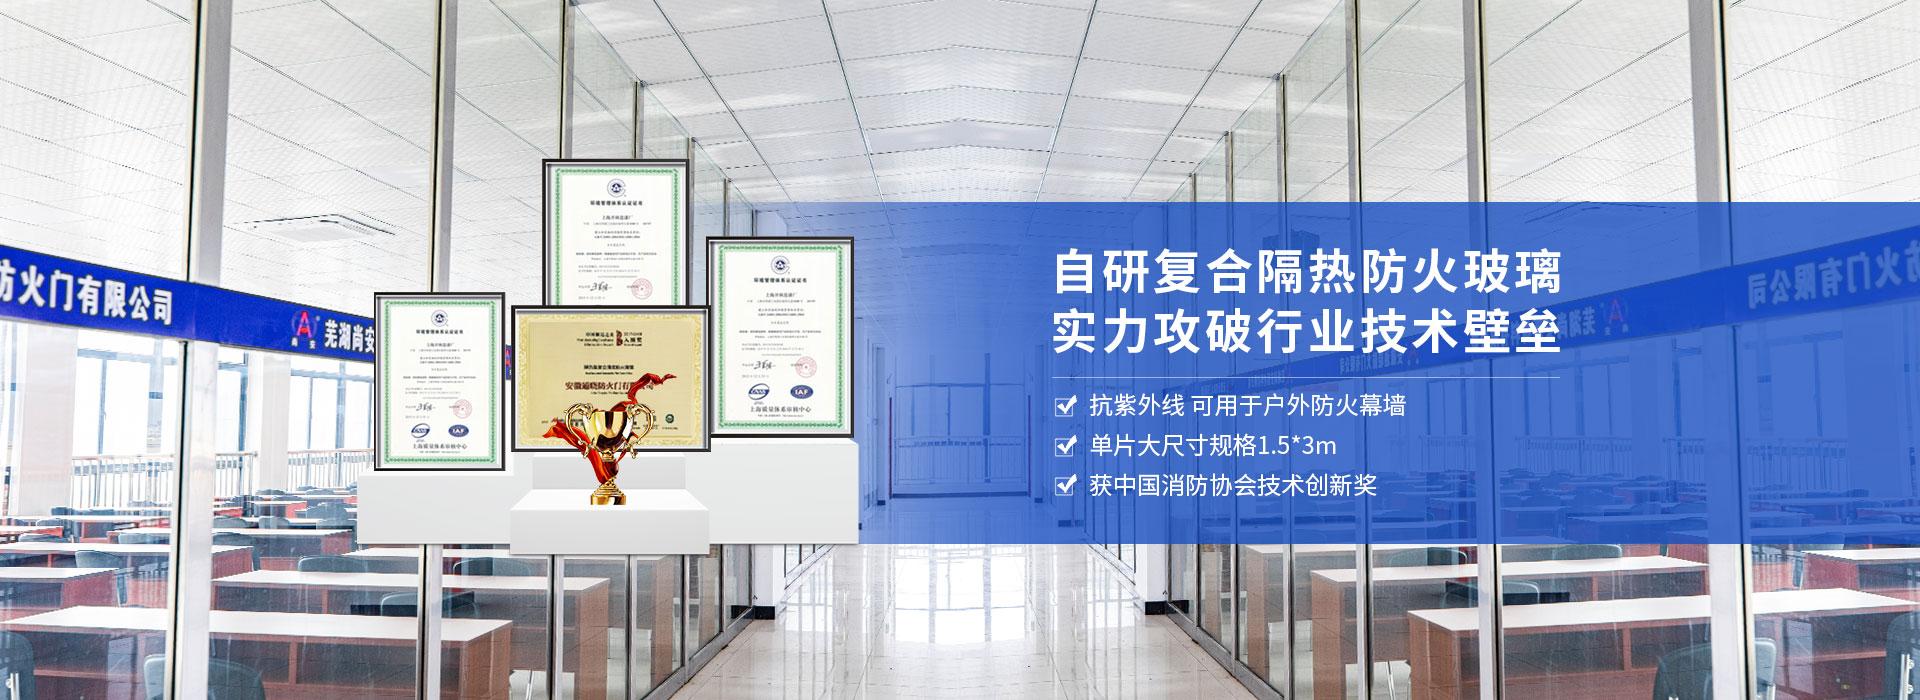 尚安自研复合隔热防火玻璃,攻破行业技术壁垒